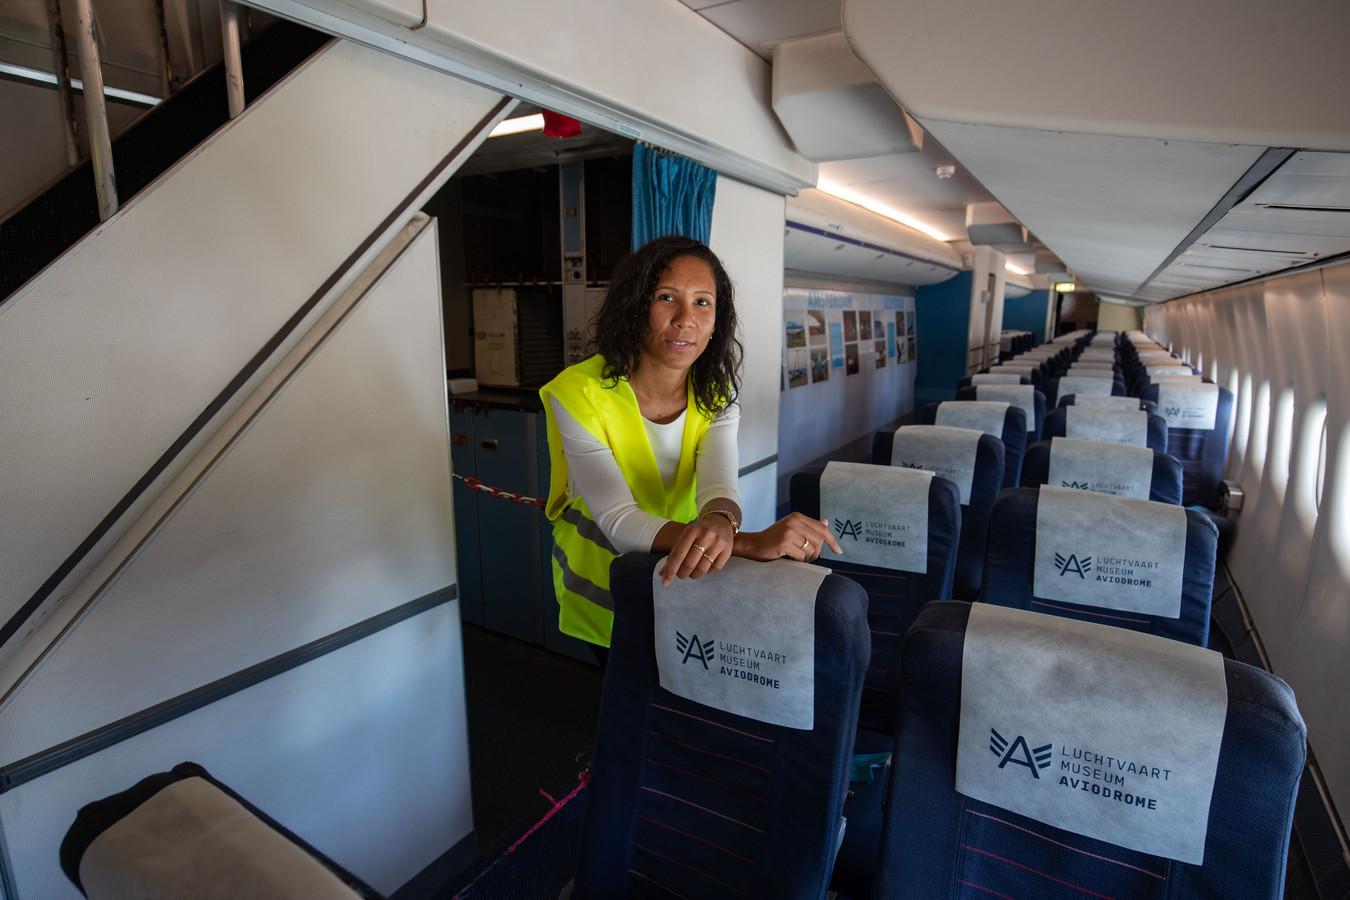 Aviodrome wordt deze zomervakantie bijgestaan door KLM-medewerkers. Esther Donkel uit Almere geeft nu rondleidingen in Aviodrome.